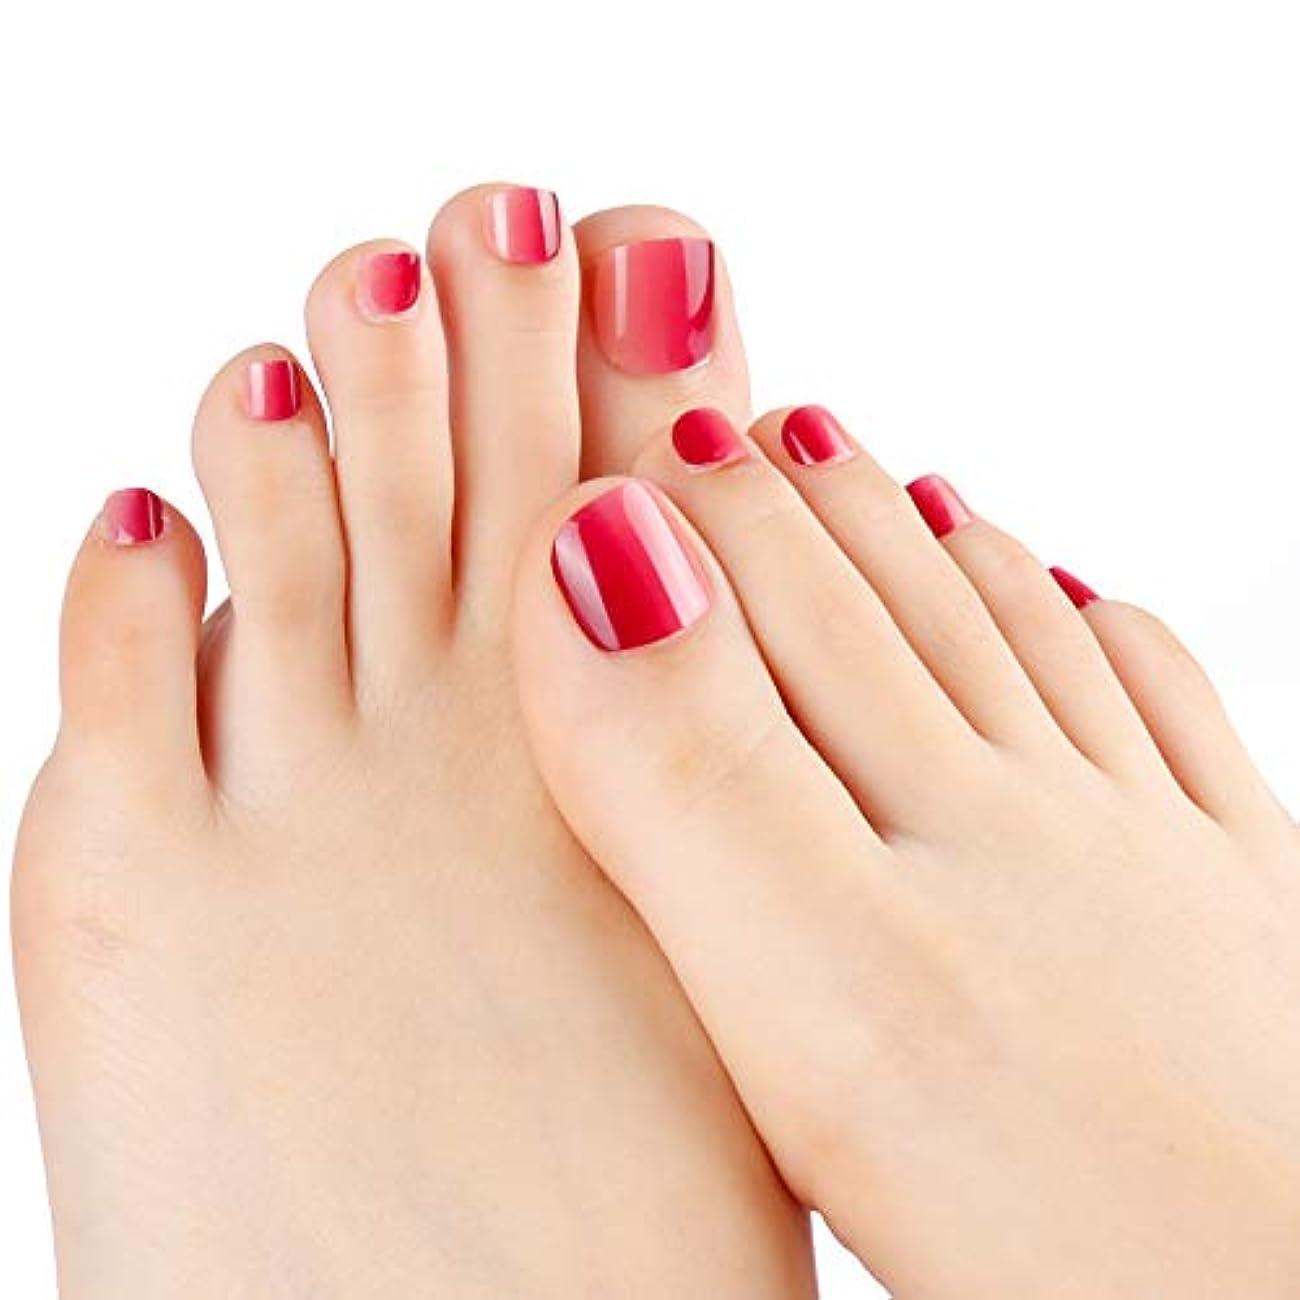 洗練された印をつける正規化ネイルチップ 24枚 12別サイズ つや 足の爪 ピンク グラデーション 短い 四角形 フルカバー